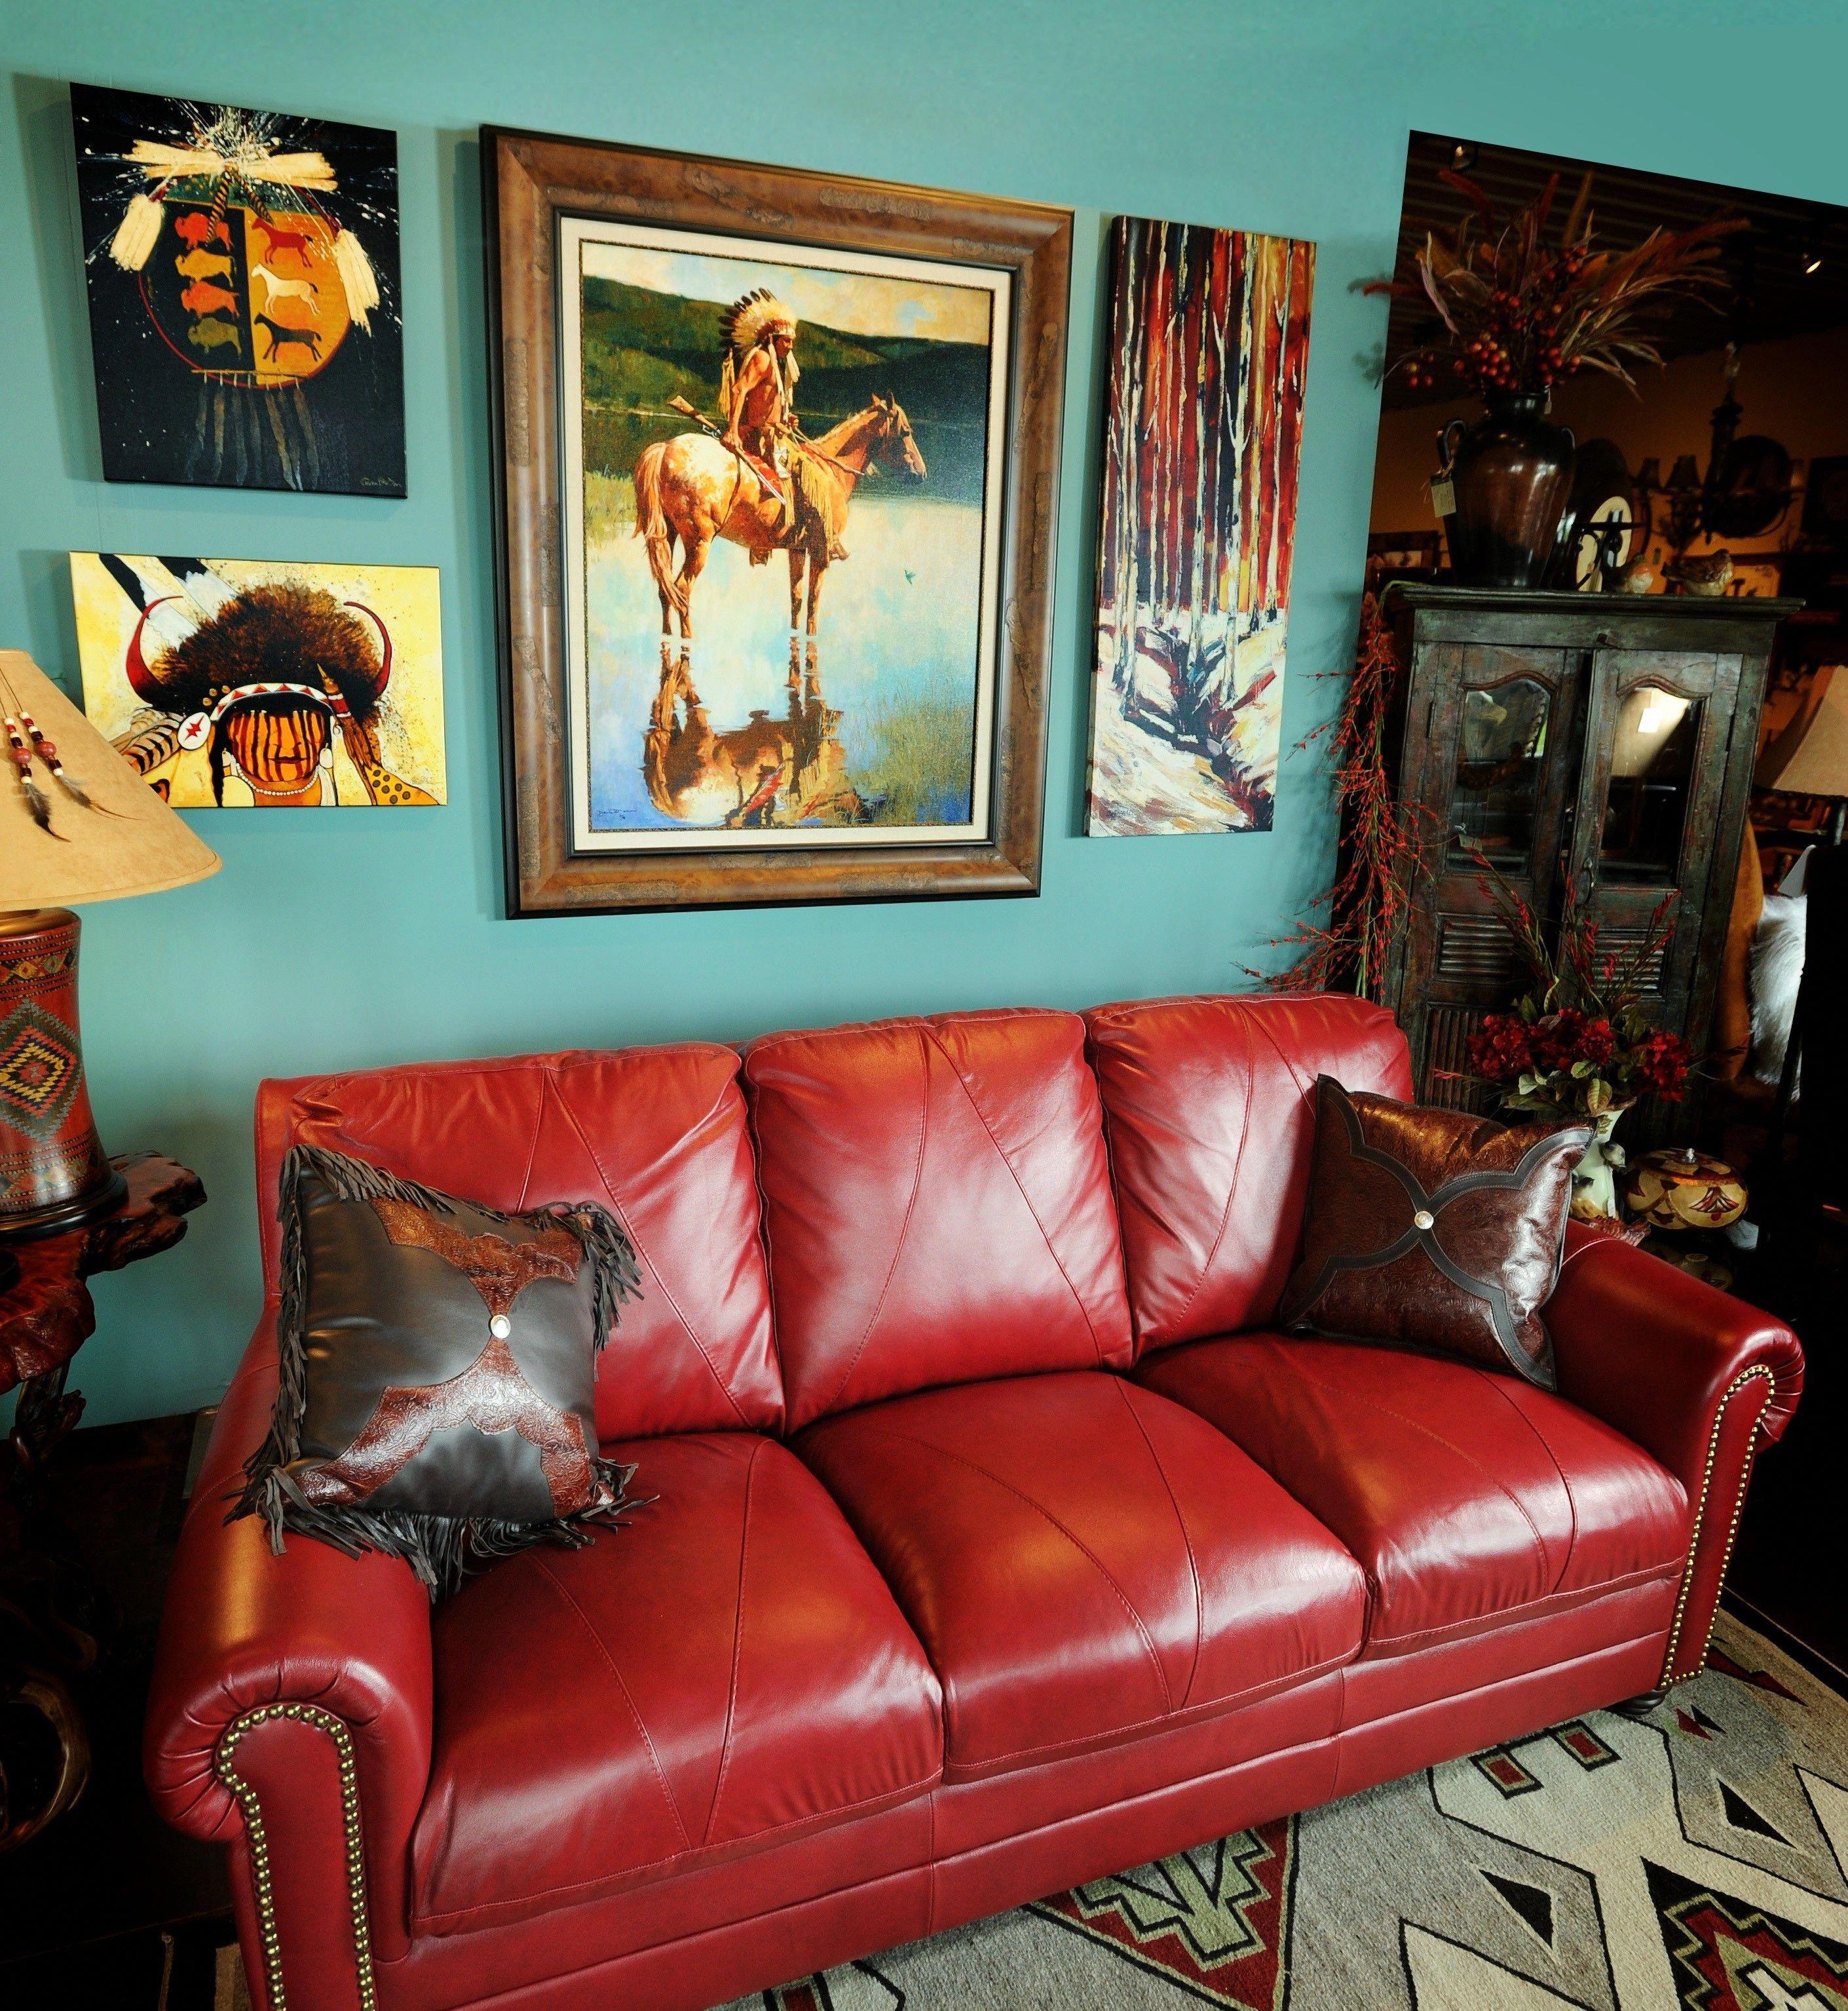 Green And Yellow Living Room Decor Livingroomfurniture Livingroomdetails Homedecor Homedecorins Red Living Room Decor Red Sofa Living Room Red Leather Sofa